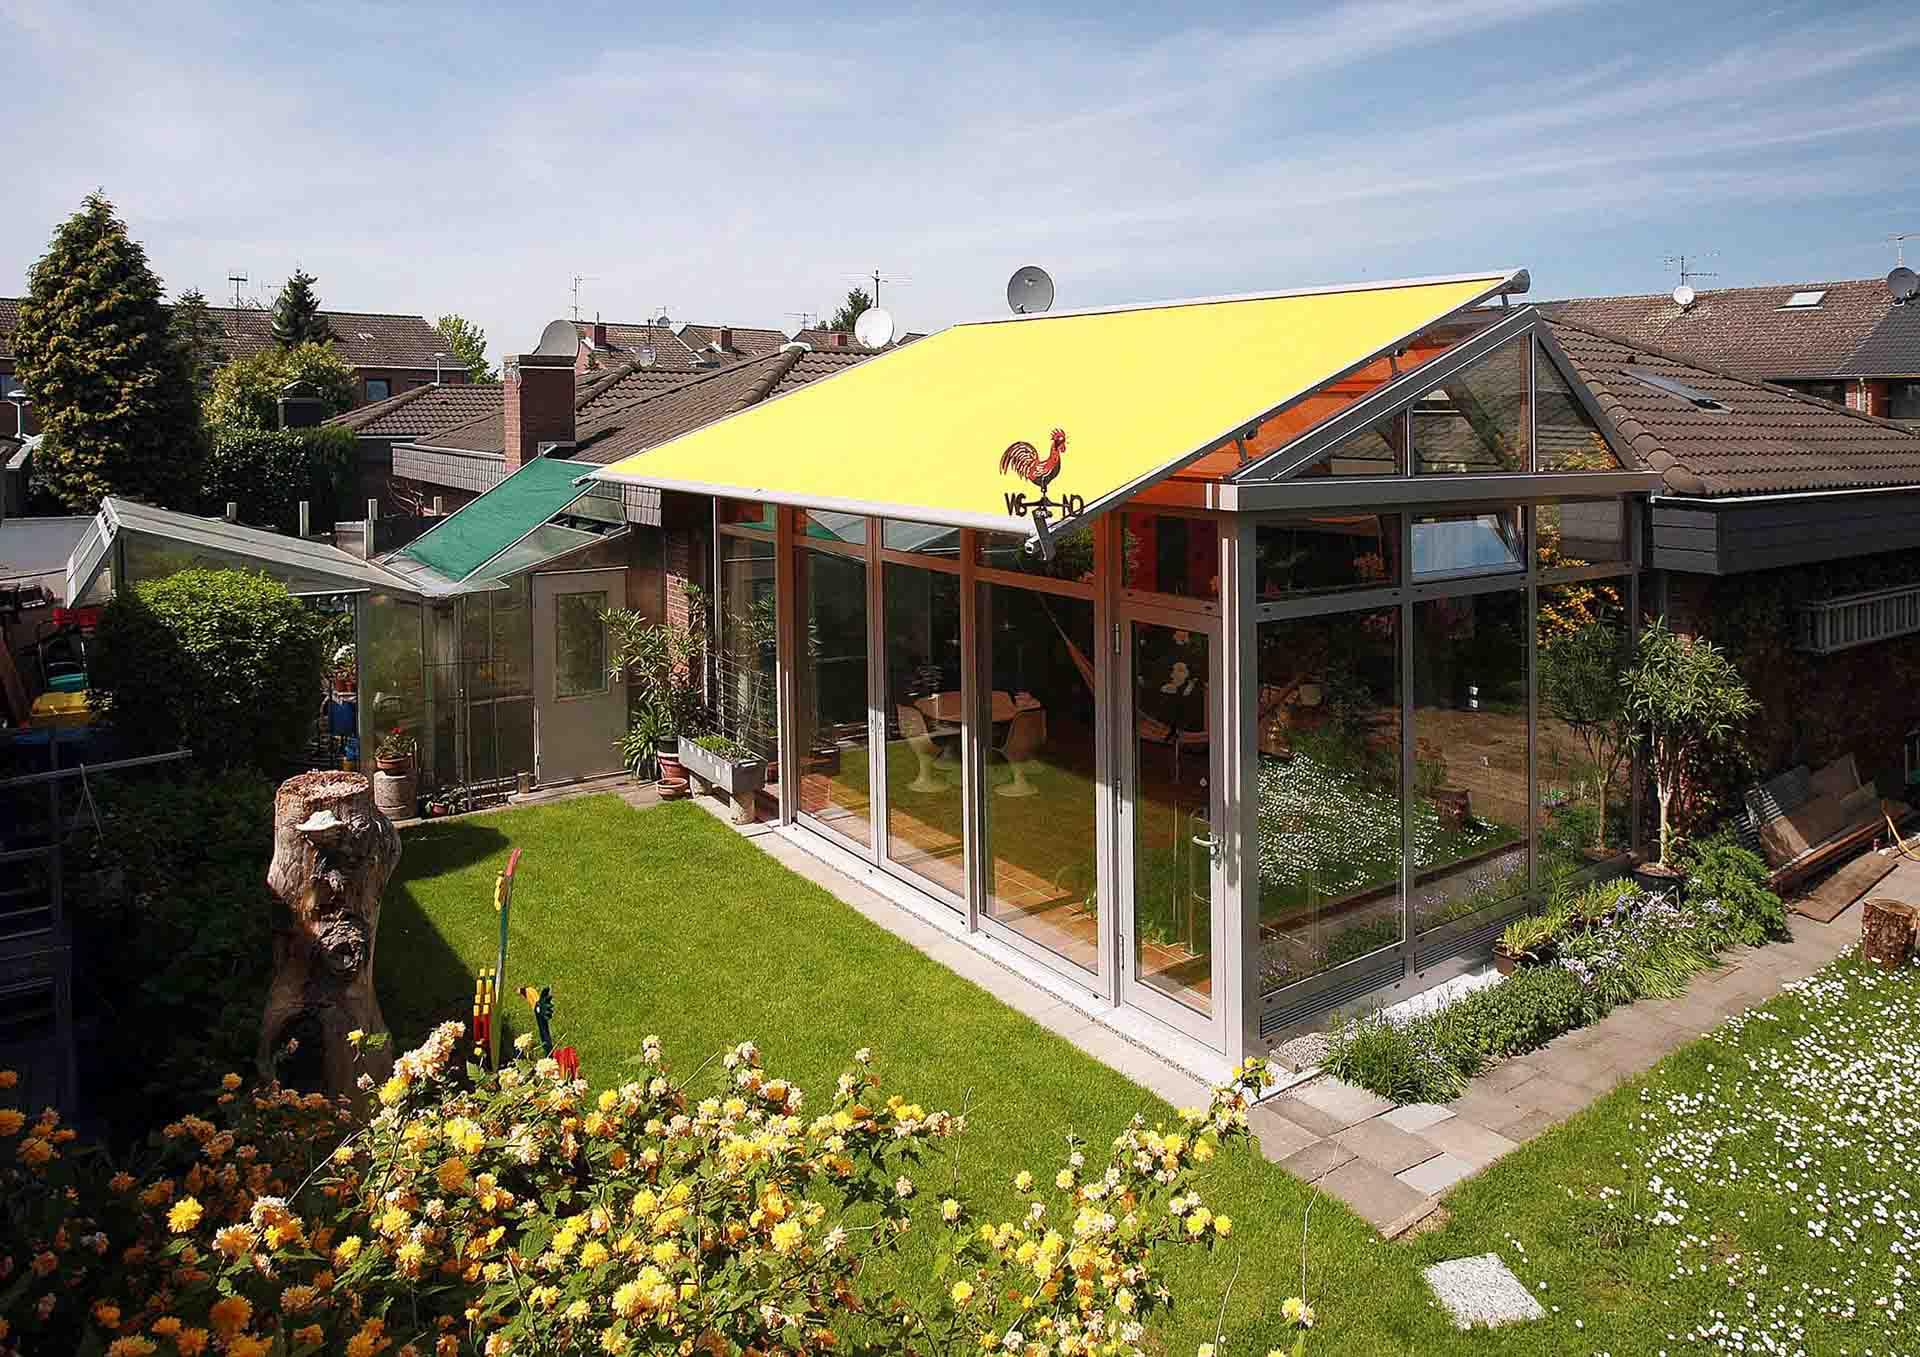 Wintergarten im Sommer: Ohne Sonnenschutz geht es nicht